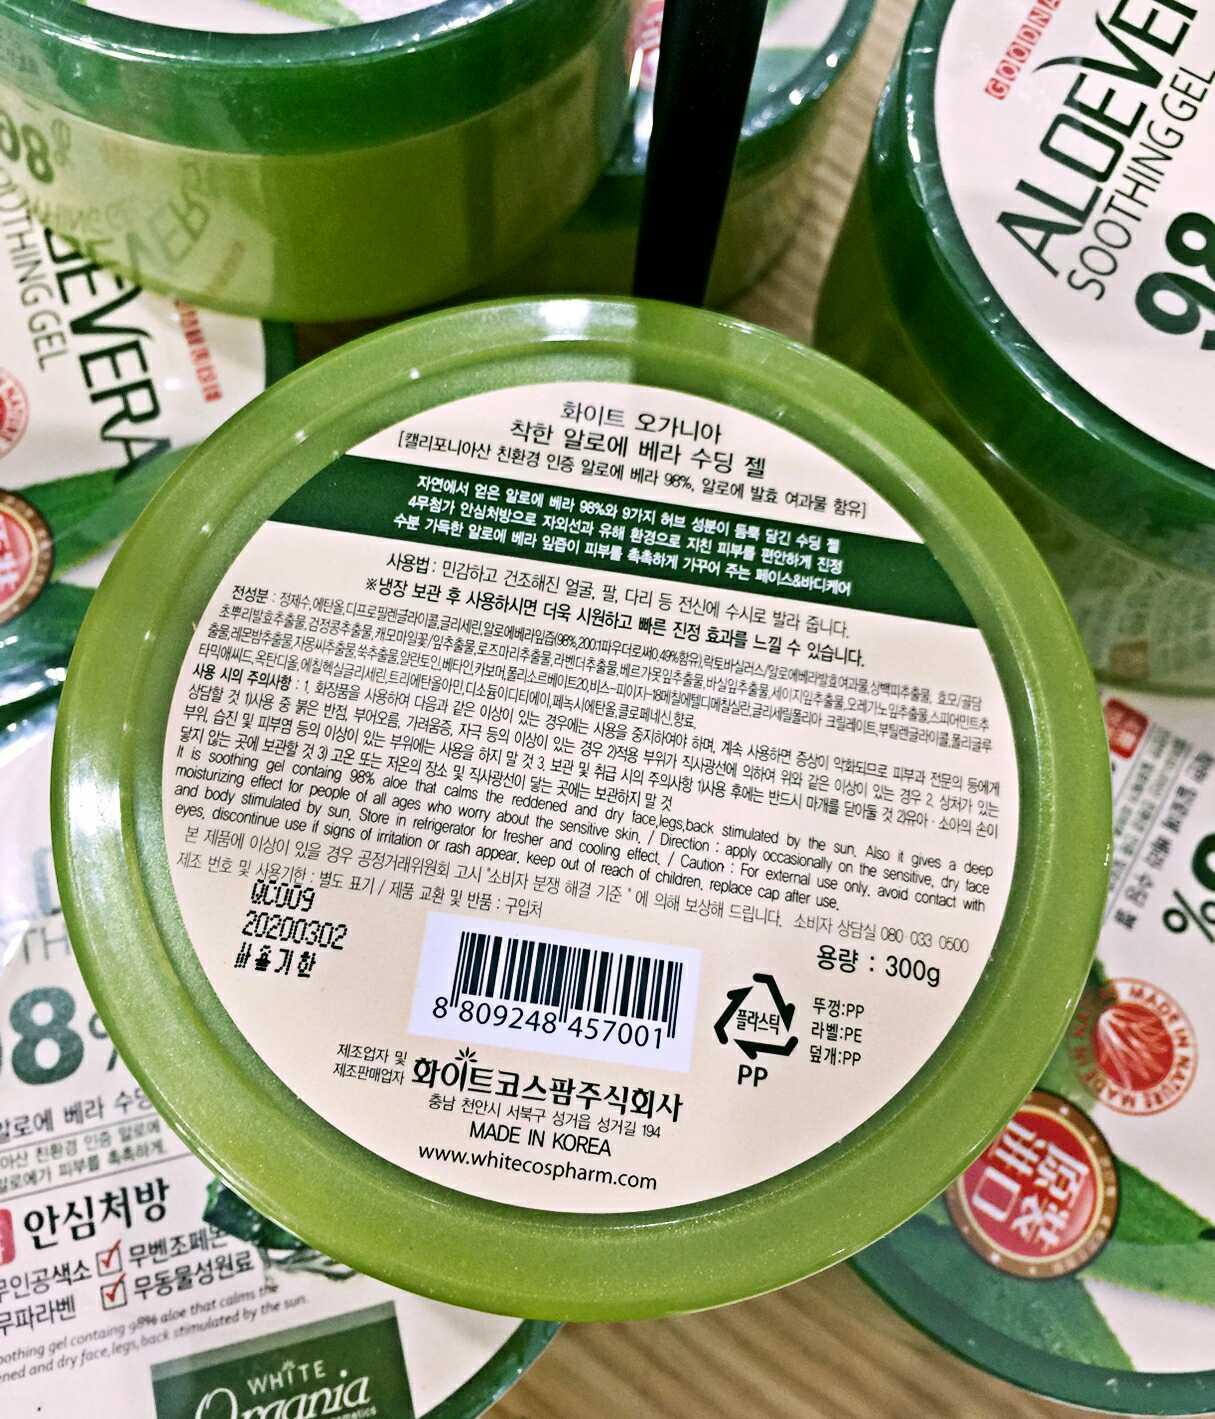 Zuid - Korea echte Vinciview toepassing van 姈欣 groenten aloë Vera 98% van het herstel na de brand rustgevend gel